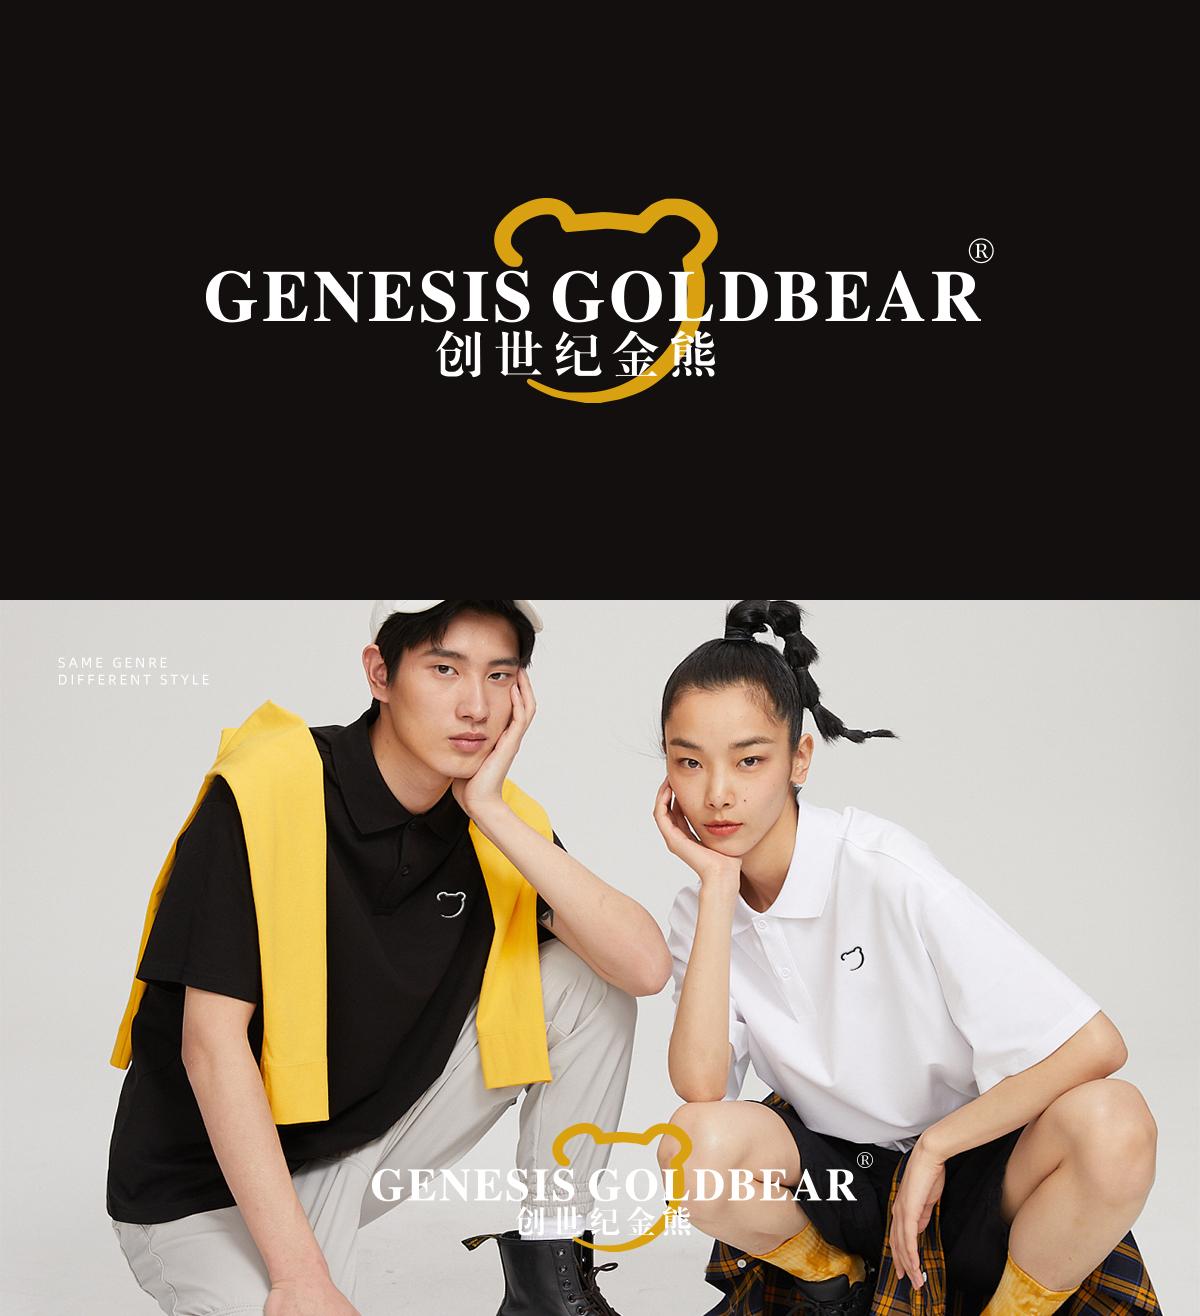 创世纪金熊 GENESIS GOLDBEAR